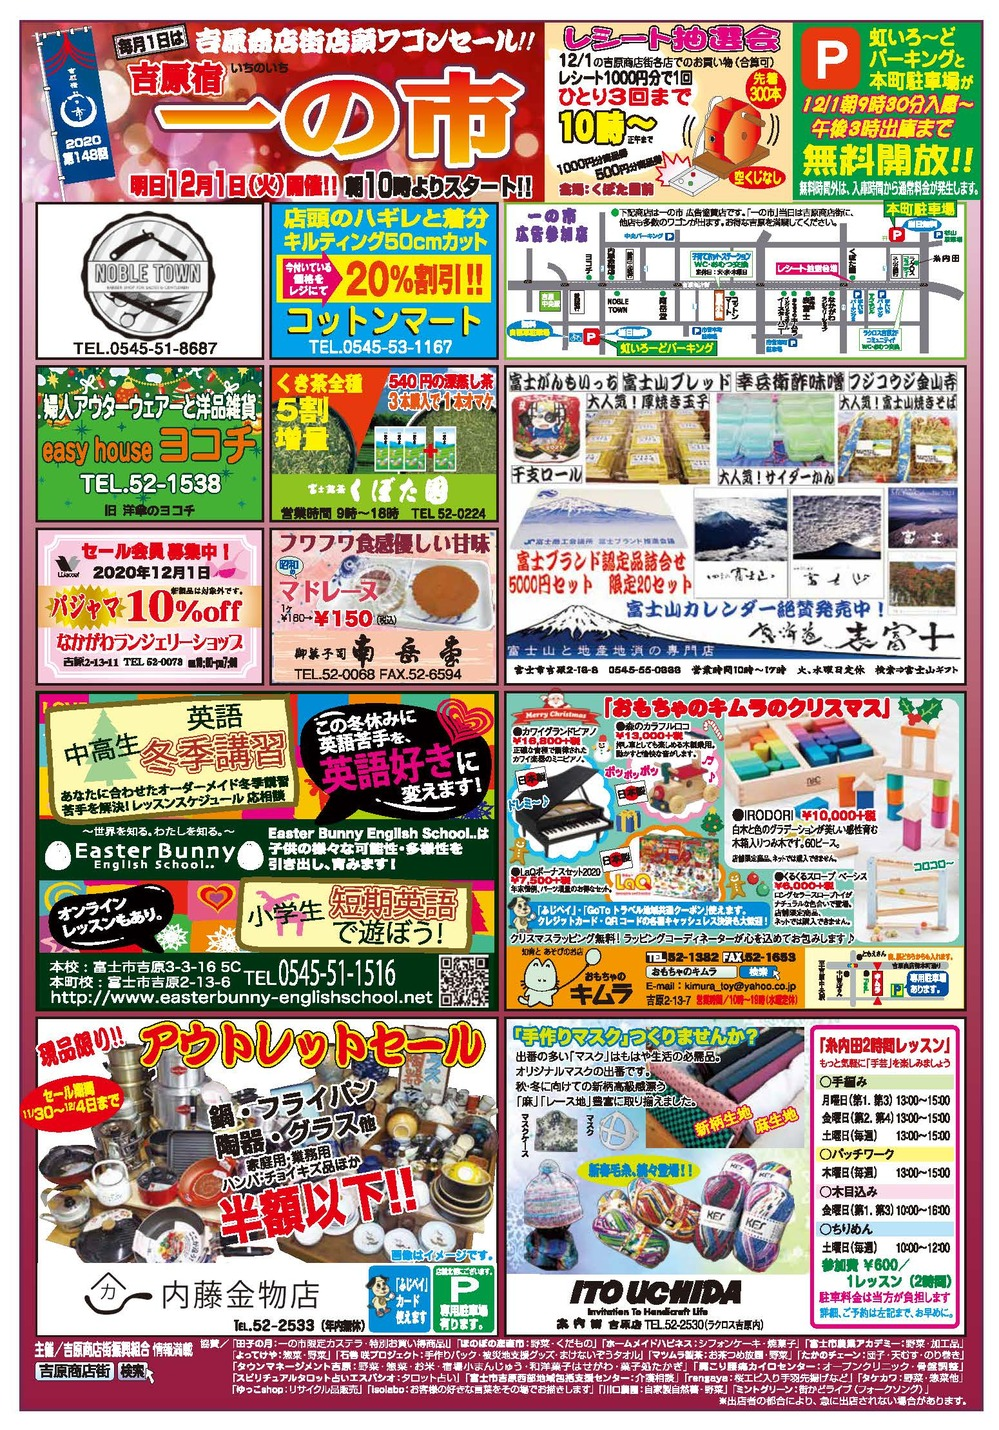 令和2年12月1日 火曜日 第148回 吉原宿 一の市 開催!